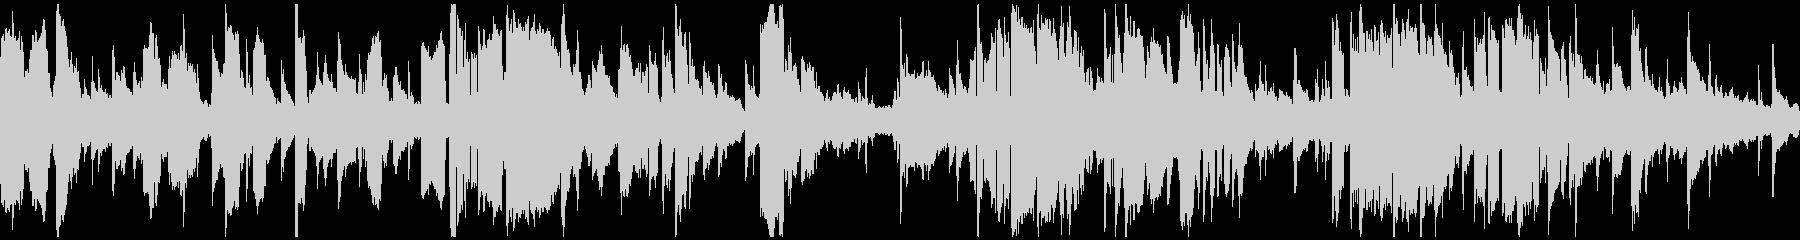 都会的なサックスバラード ※ループ仕様版の未再生の波形